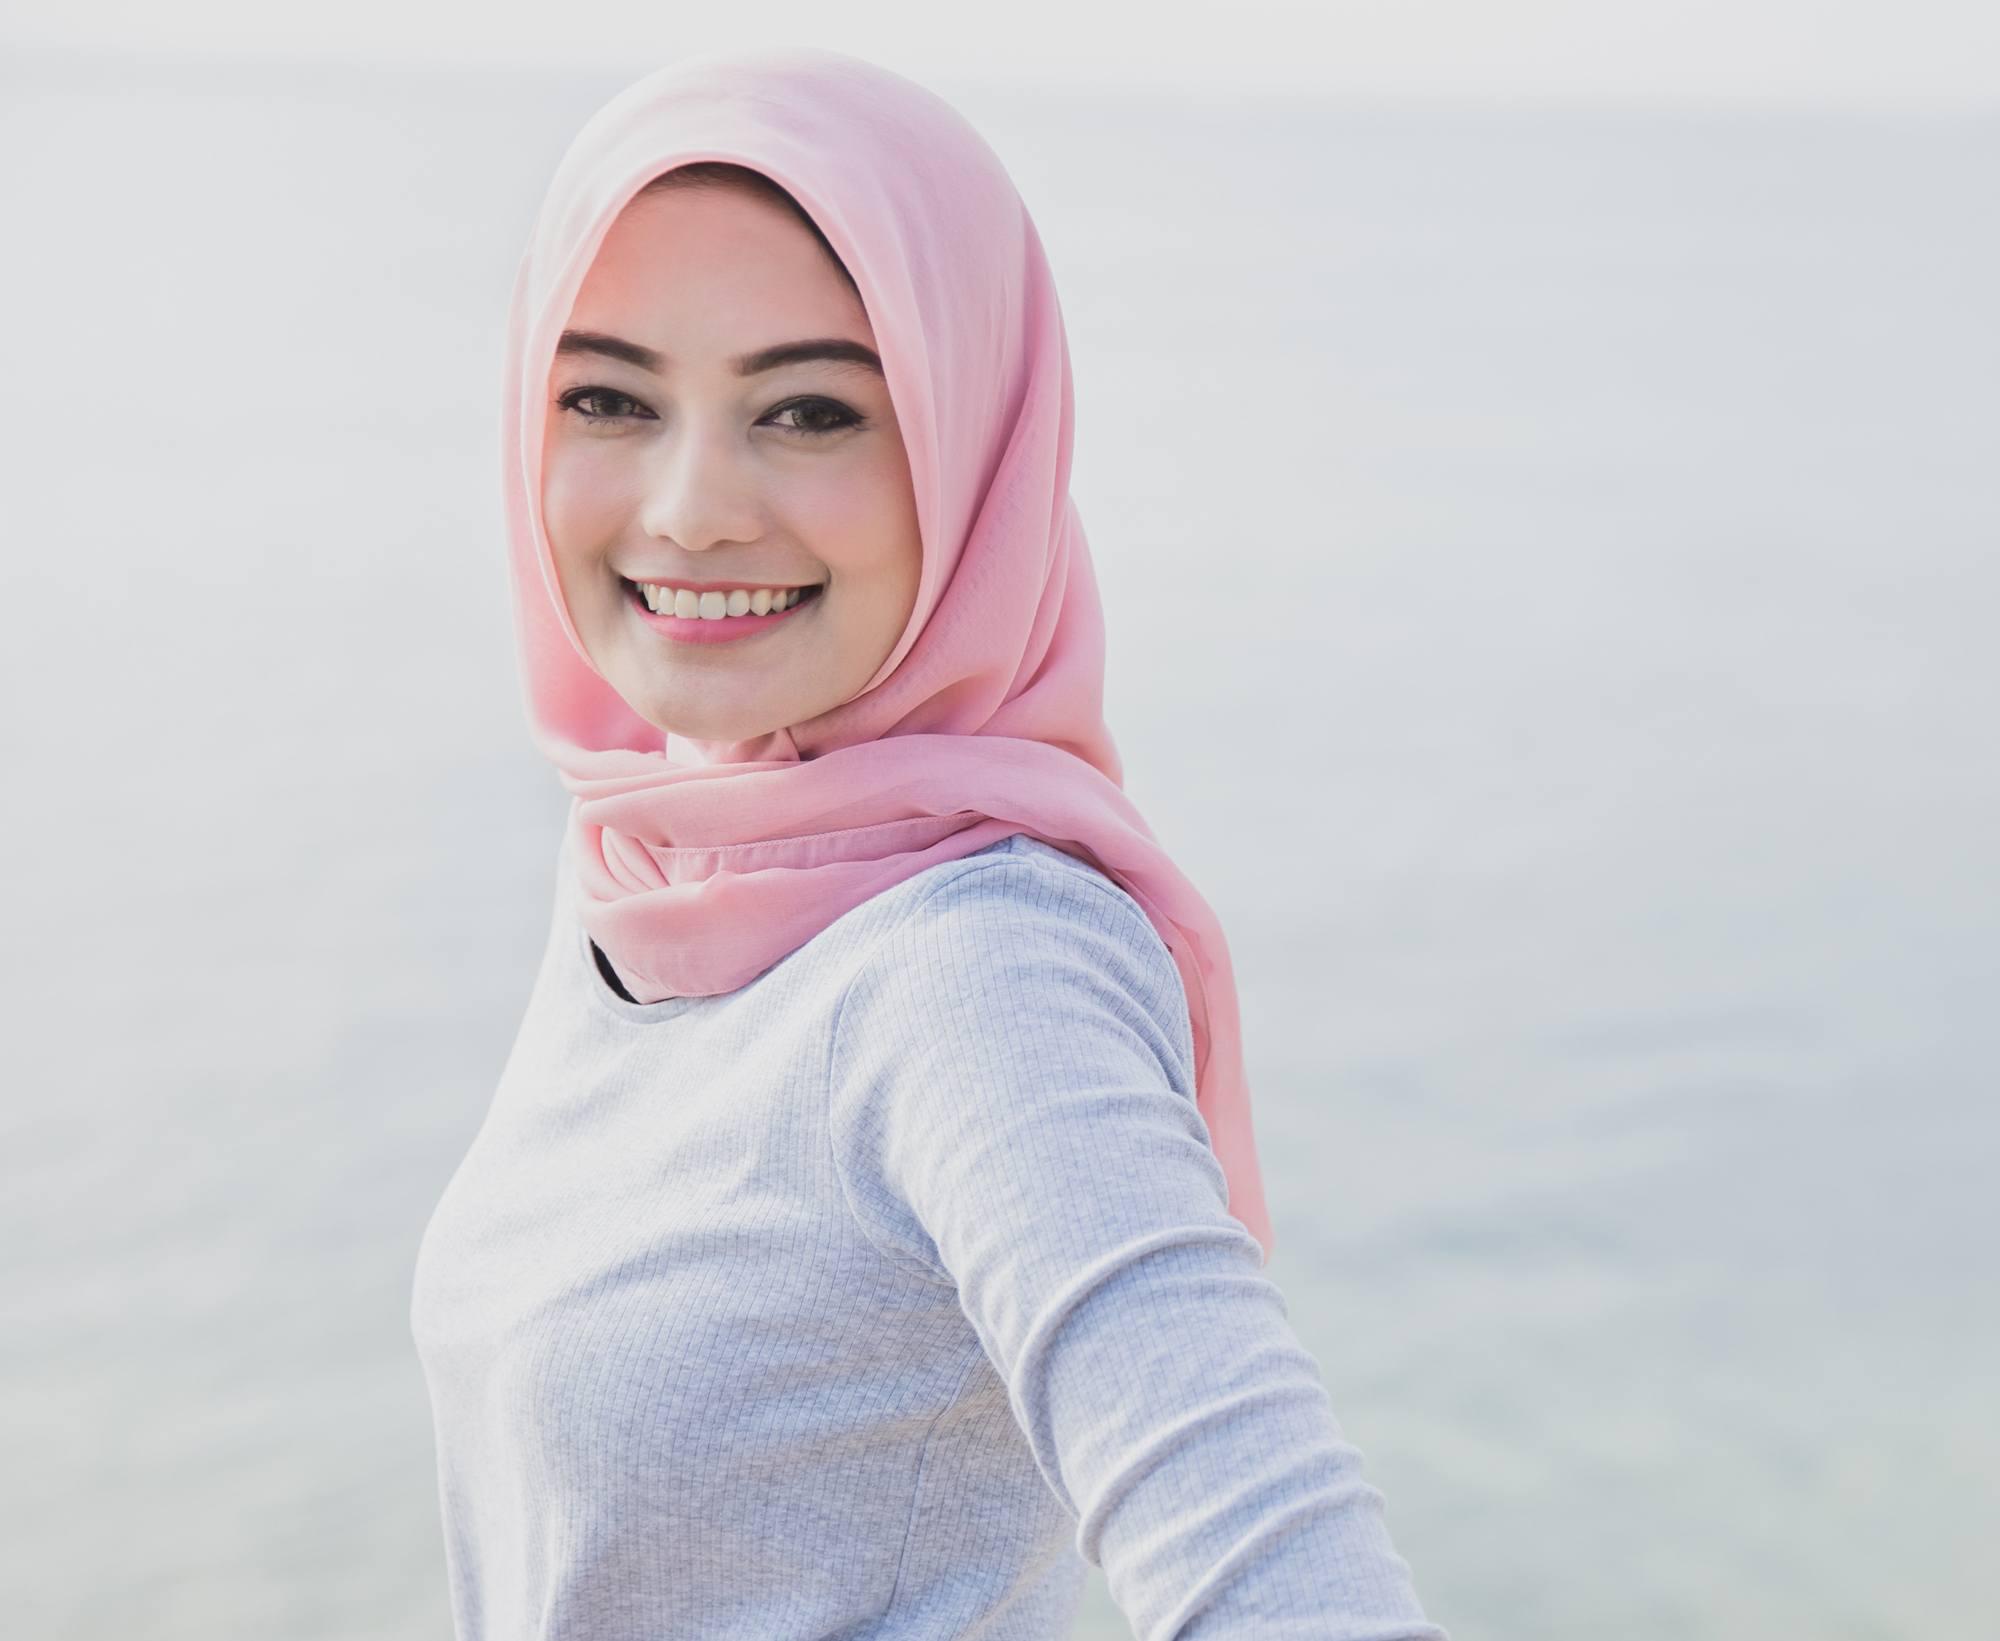 Wanita asia dengan hijab pink